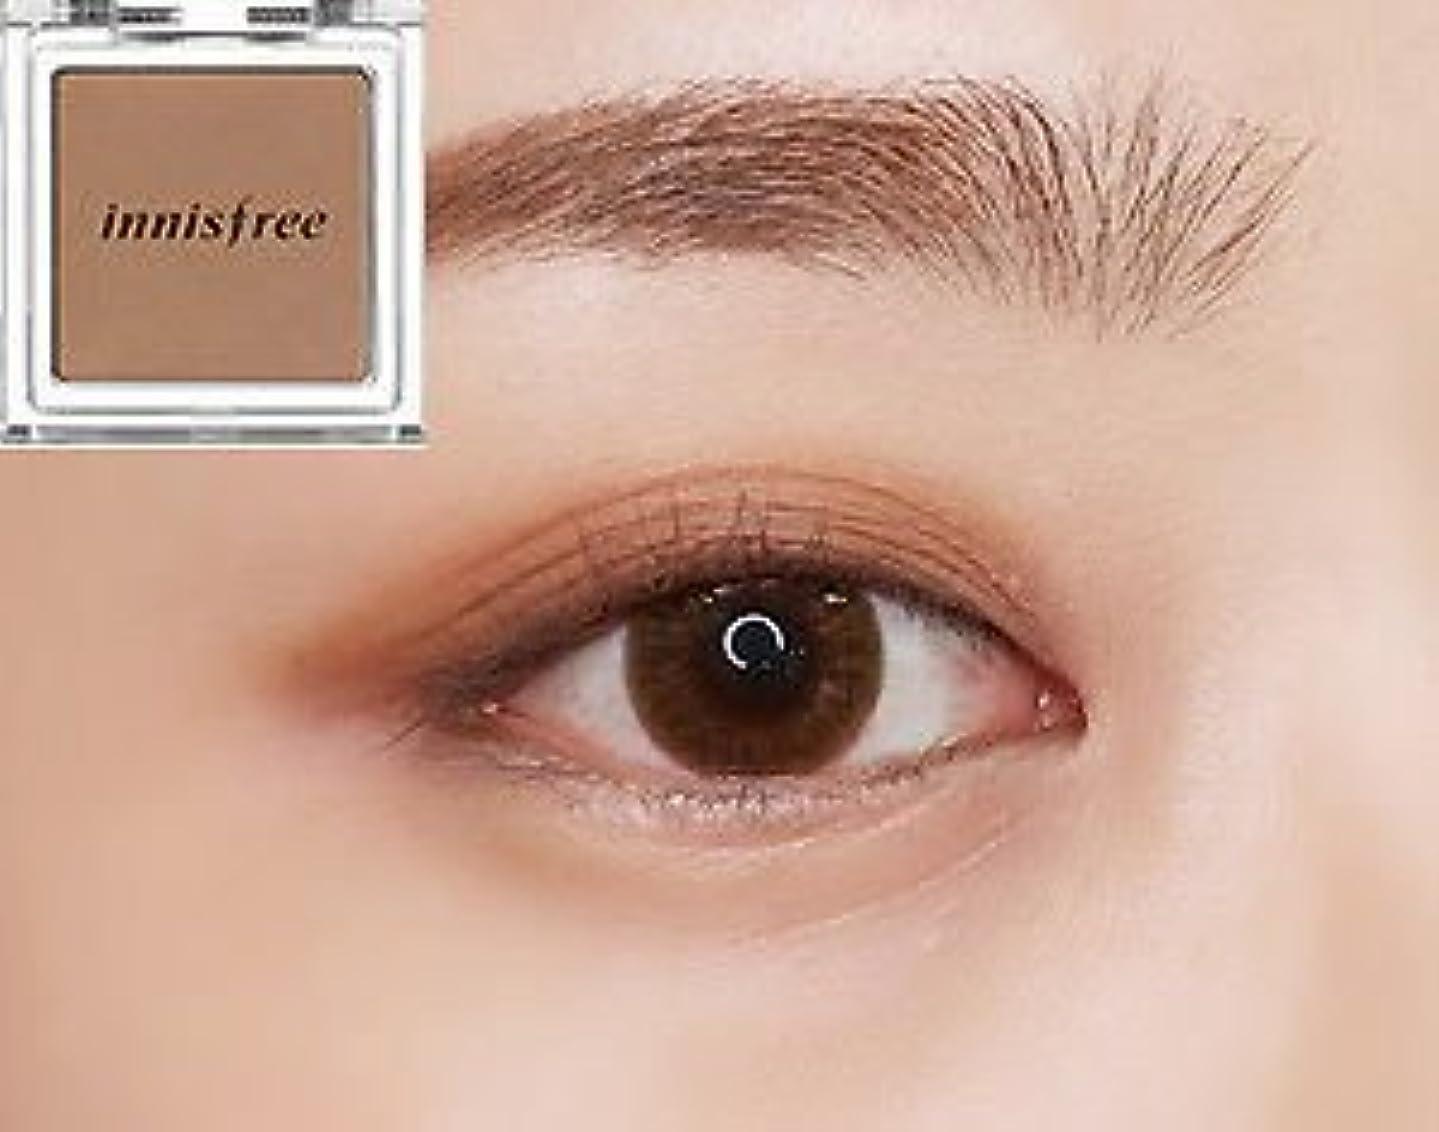 軍隊ヘルパー性的[イニスフリー] innisfree [マイ パレット マイ アイシャドウ (マット) 40カラー] MY PALETTE My Eyeshadow (Matte) 40 Shades [海外直送品] (マット #19)